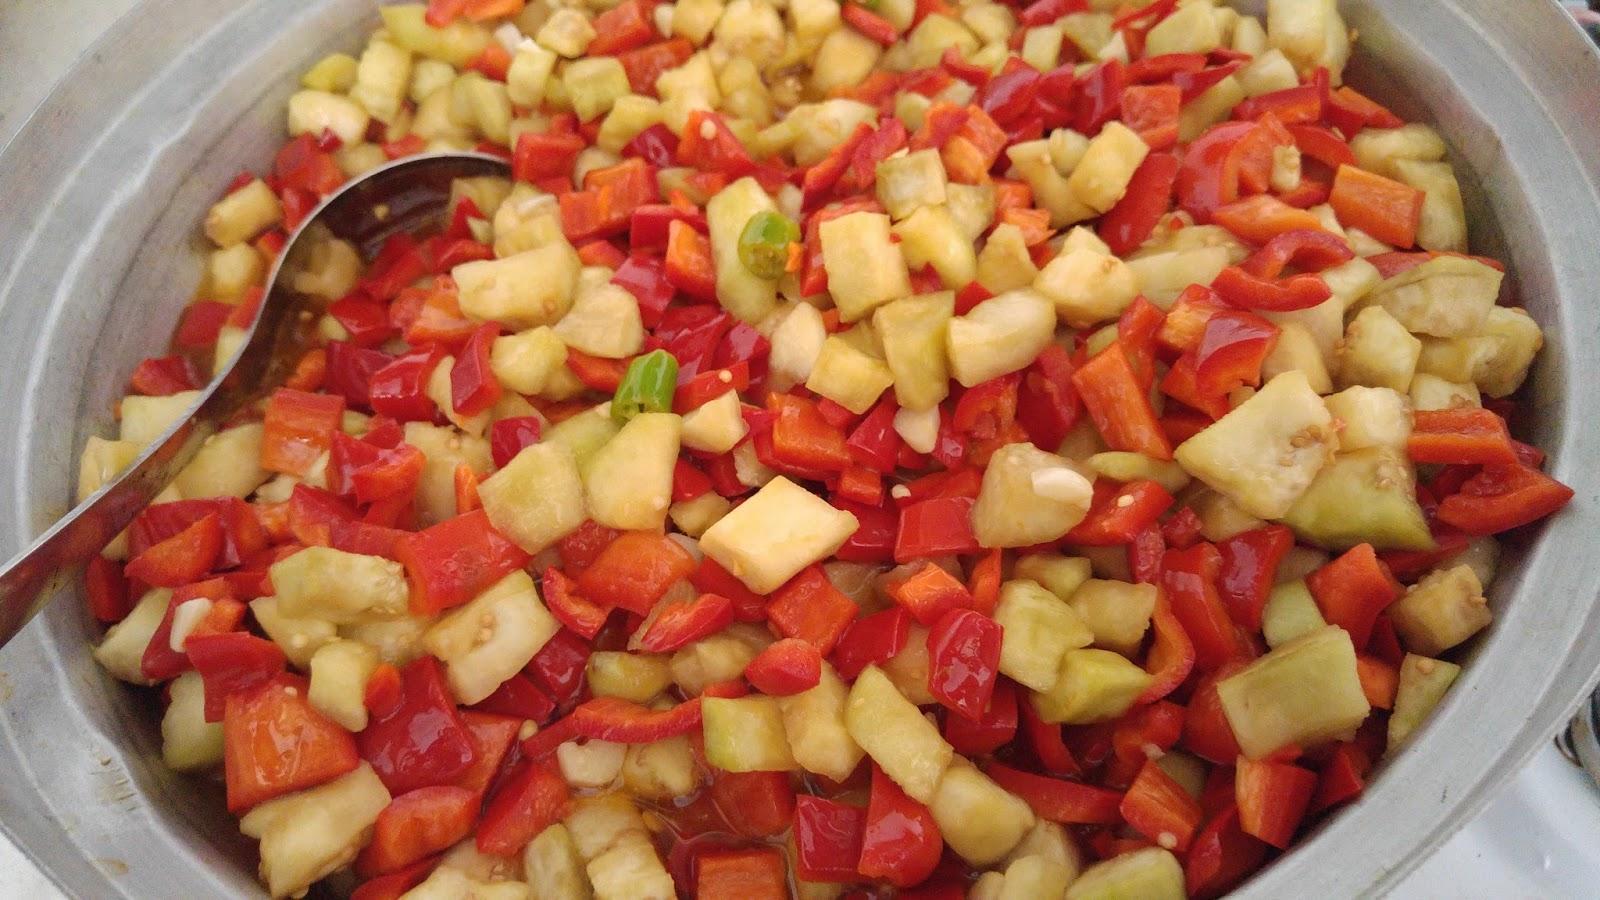 Köz Patlıcan Turşusu Yapılışı